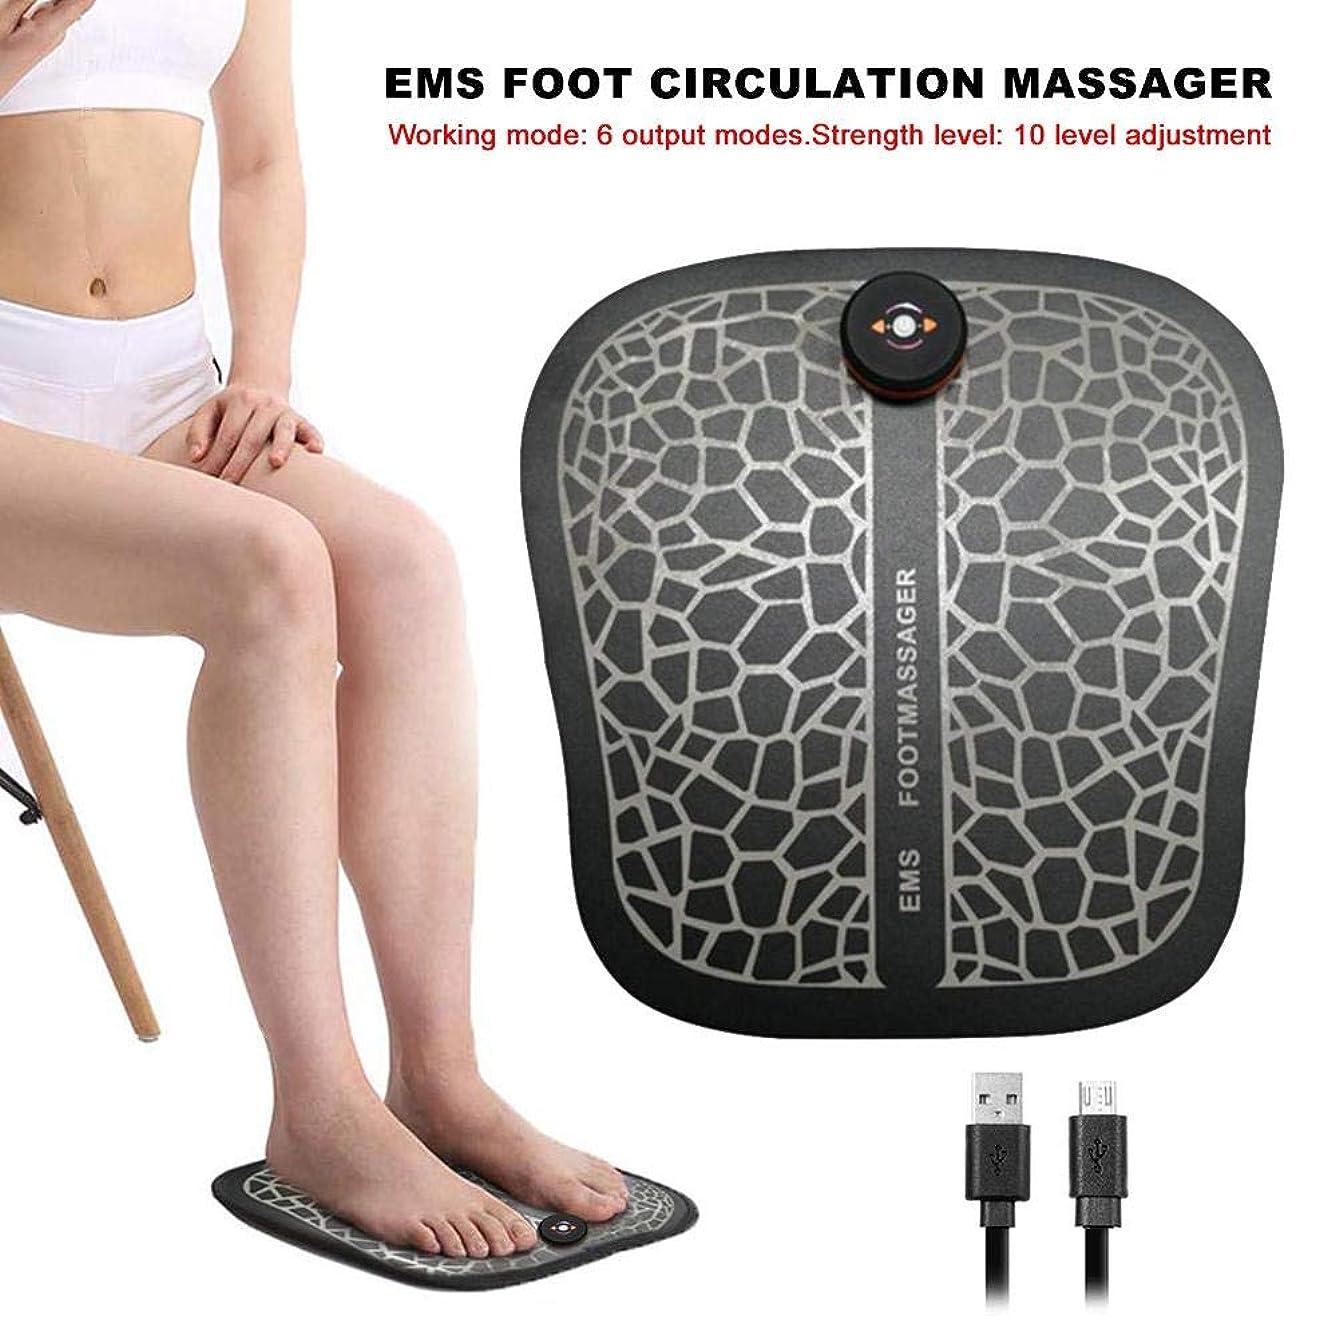 罹患率乱雑な封建足裏のマッサージ、EMSフットサーキュレーションマッサージ、サーキュレーションリリーフ痛みフットレッグ